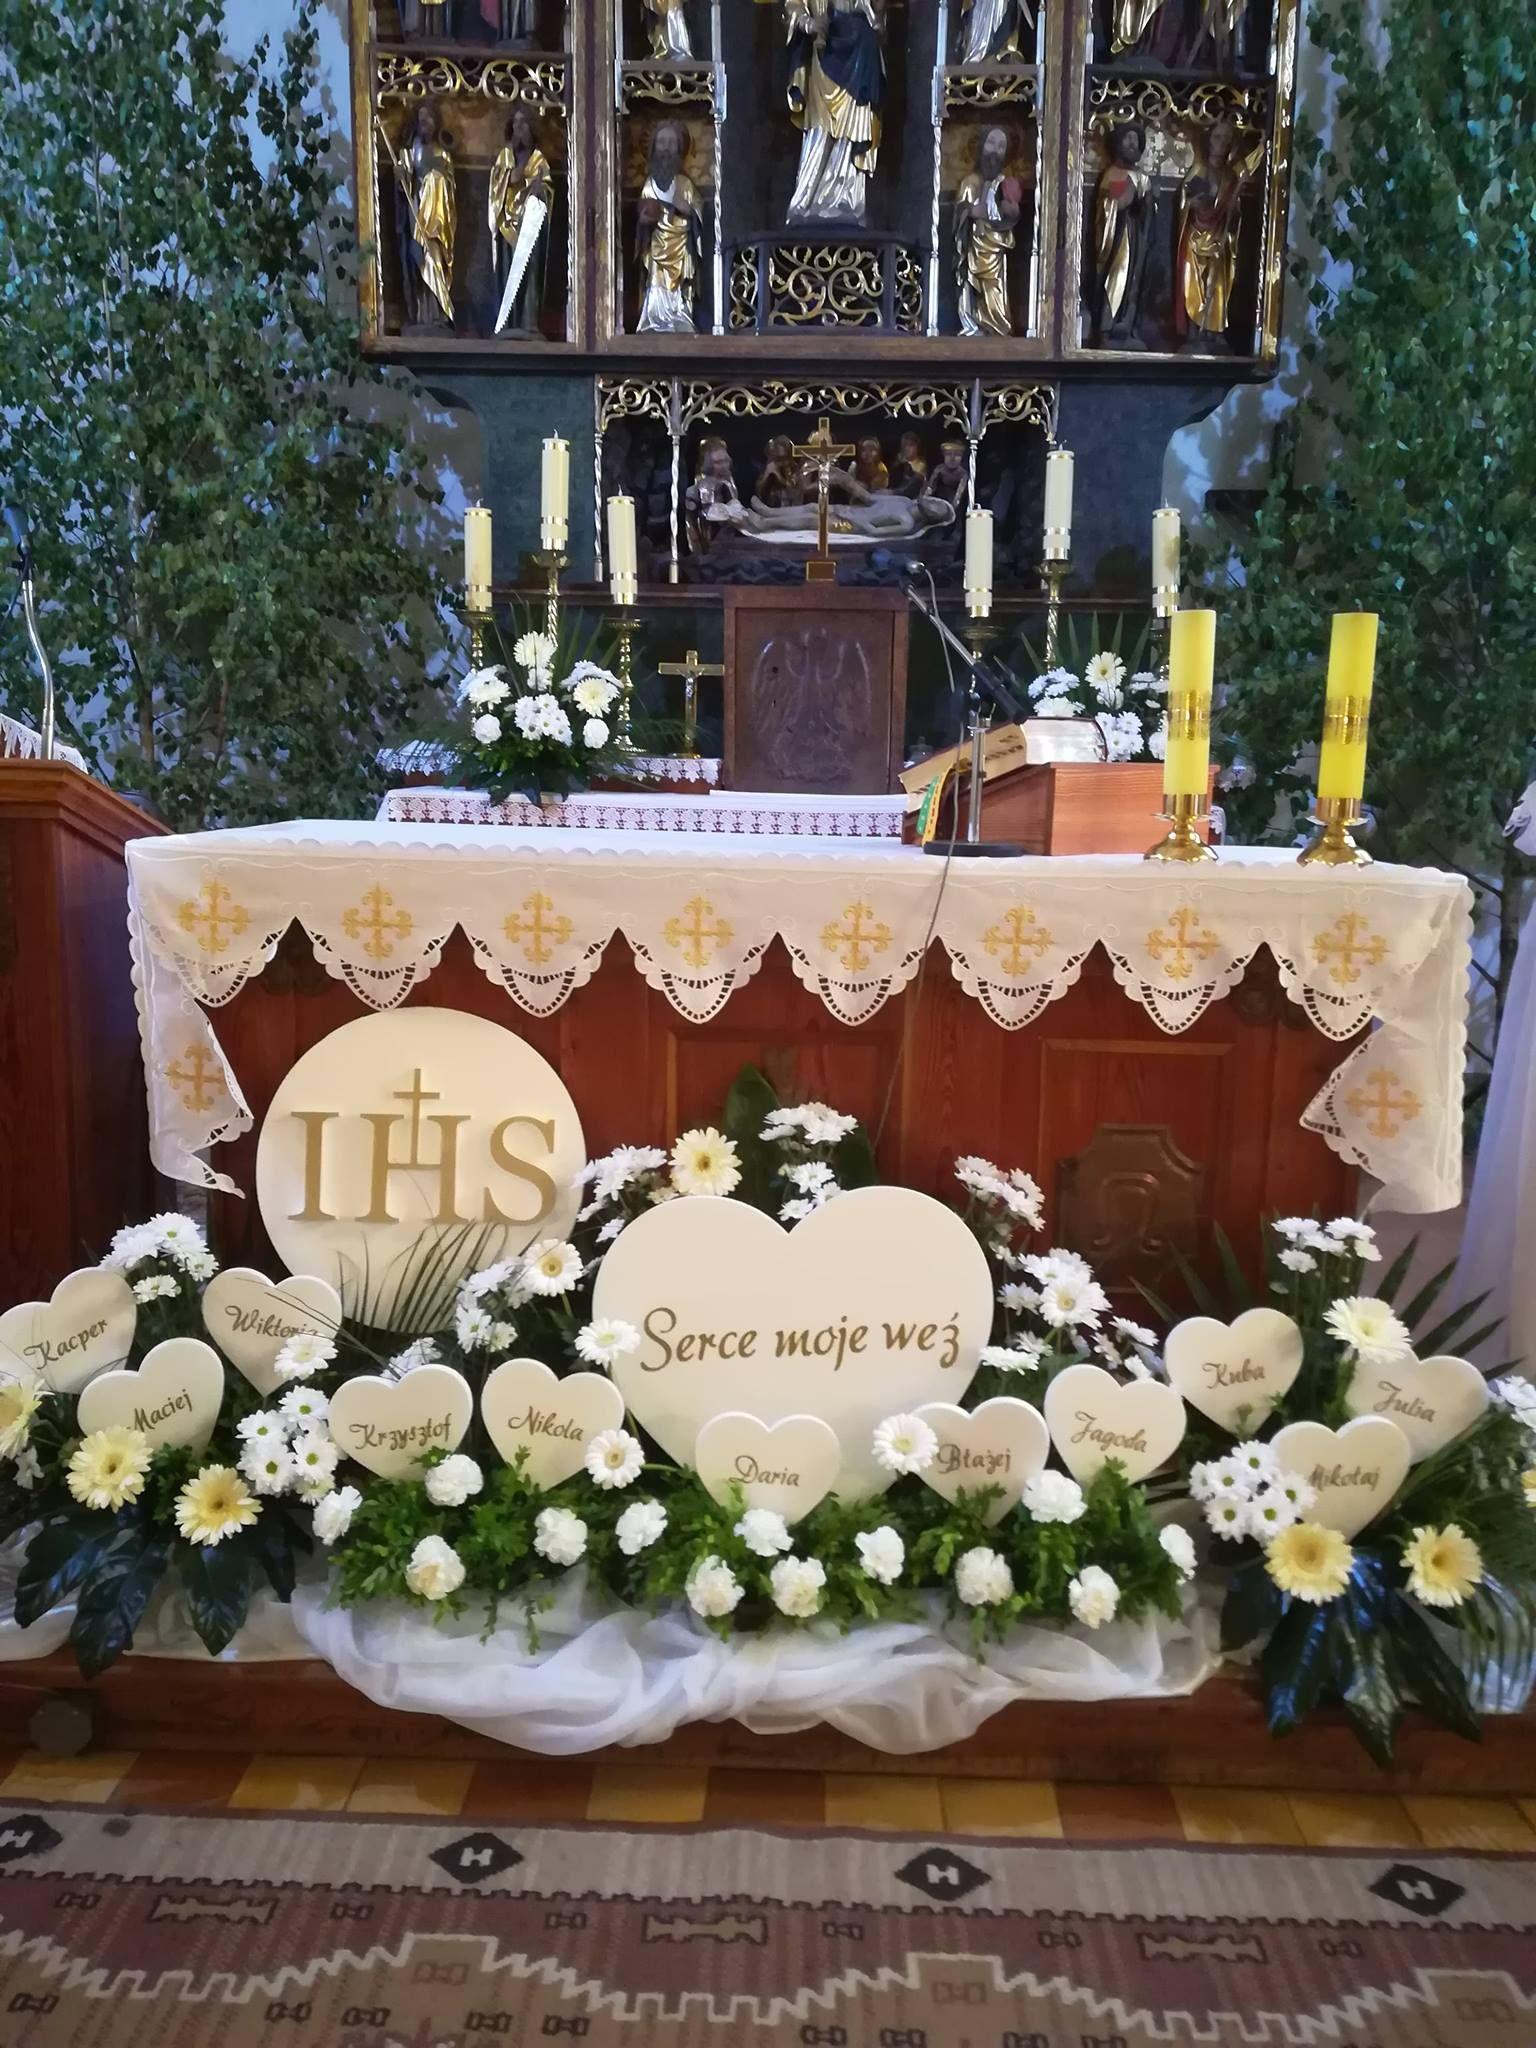 Kielichy I Hostie Styropianowe Ozdoby I Dekoracje Komunijne Church Flowers First Holy Communion Funeral Flowers